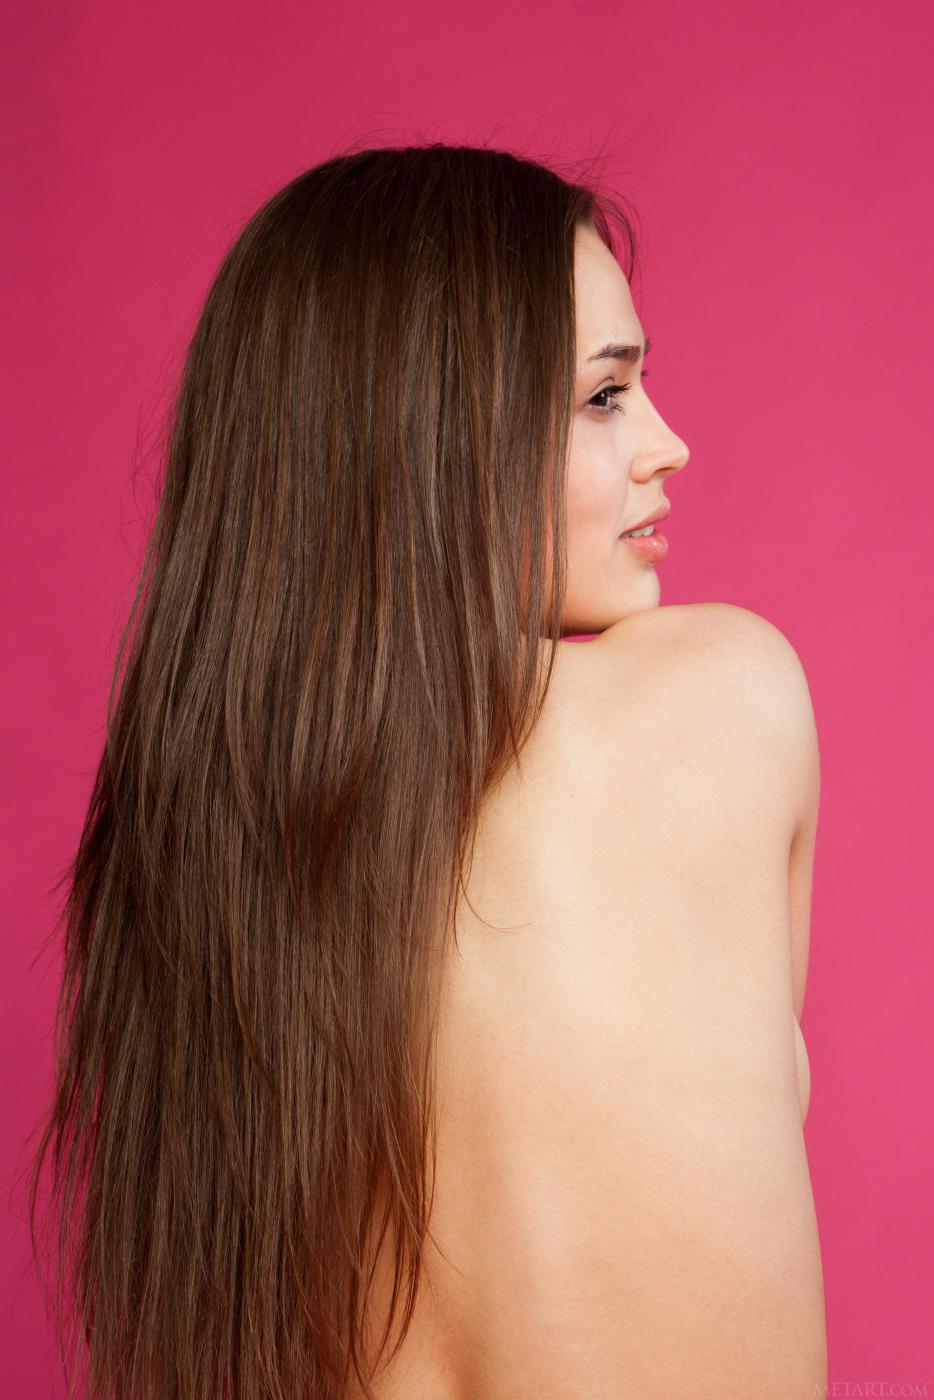 Соблазнительная молоденькая брюнетка Trista A снимает свое платье и показывает узкую киску и сиськи